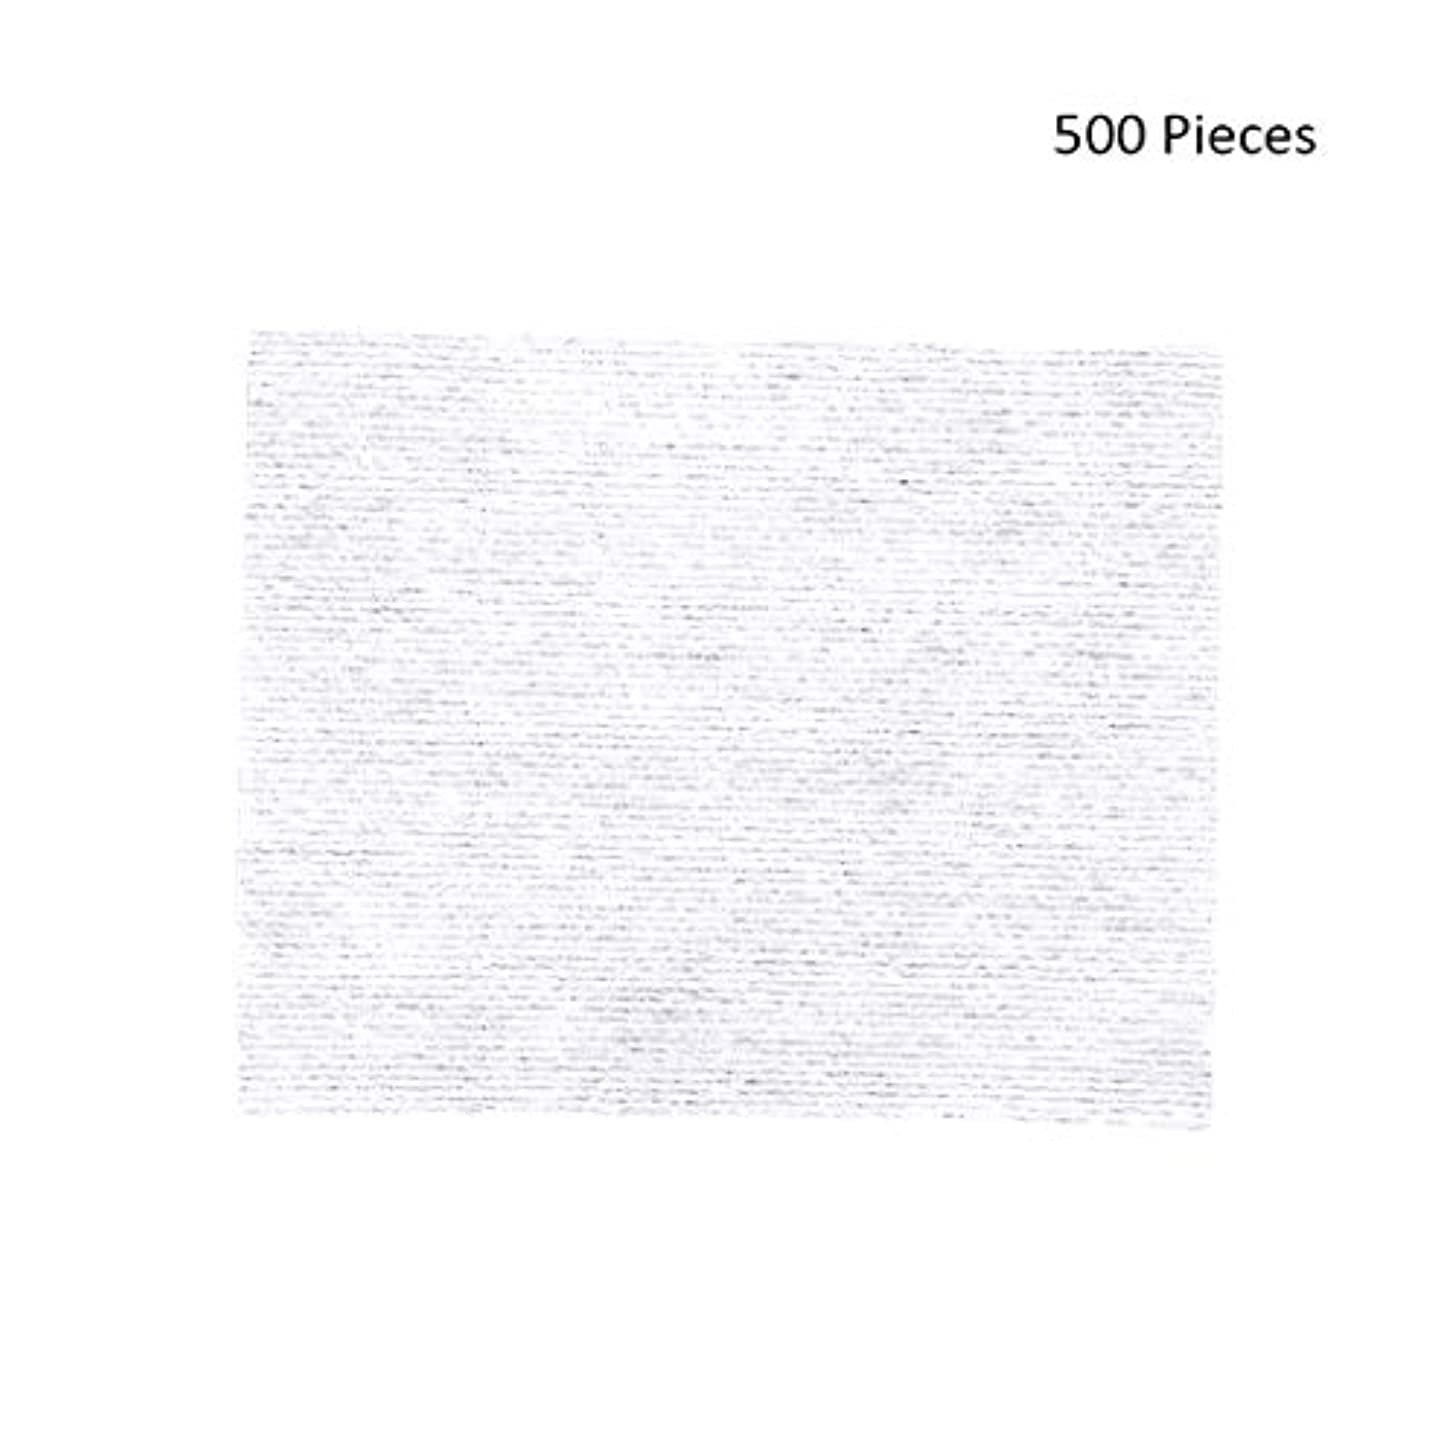 奪う無駄報告書クレンジングシート 500ピースフェイスメイクアップリムーバーメイクワイプコットンパッドメイクアップリムーバーパッドソフトパッド化粧品フェイスマスククレンジングケア 落ち水クレンジング シート モイスト (Color :...